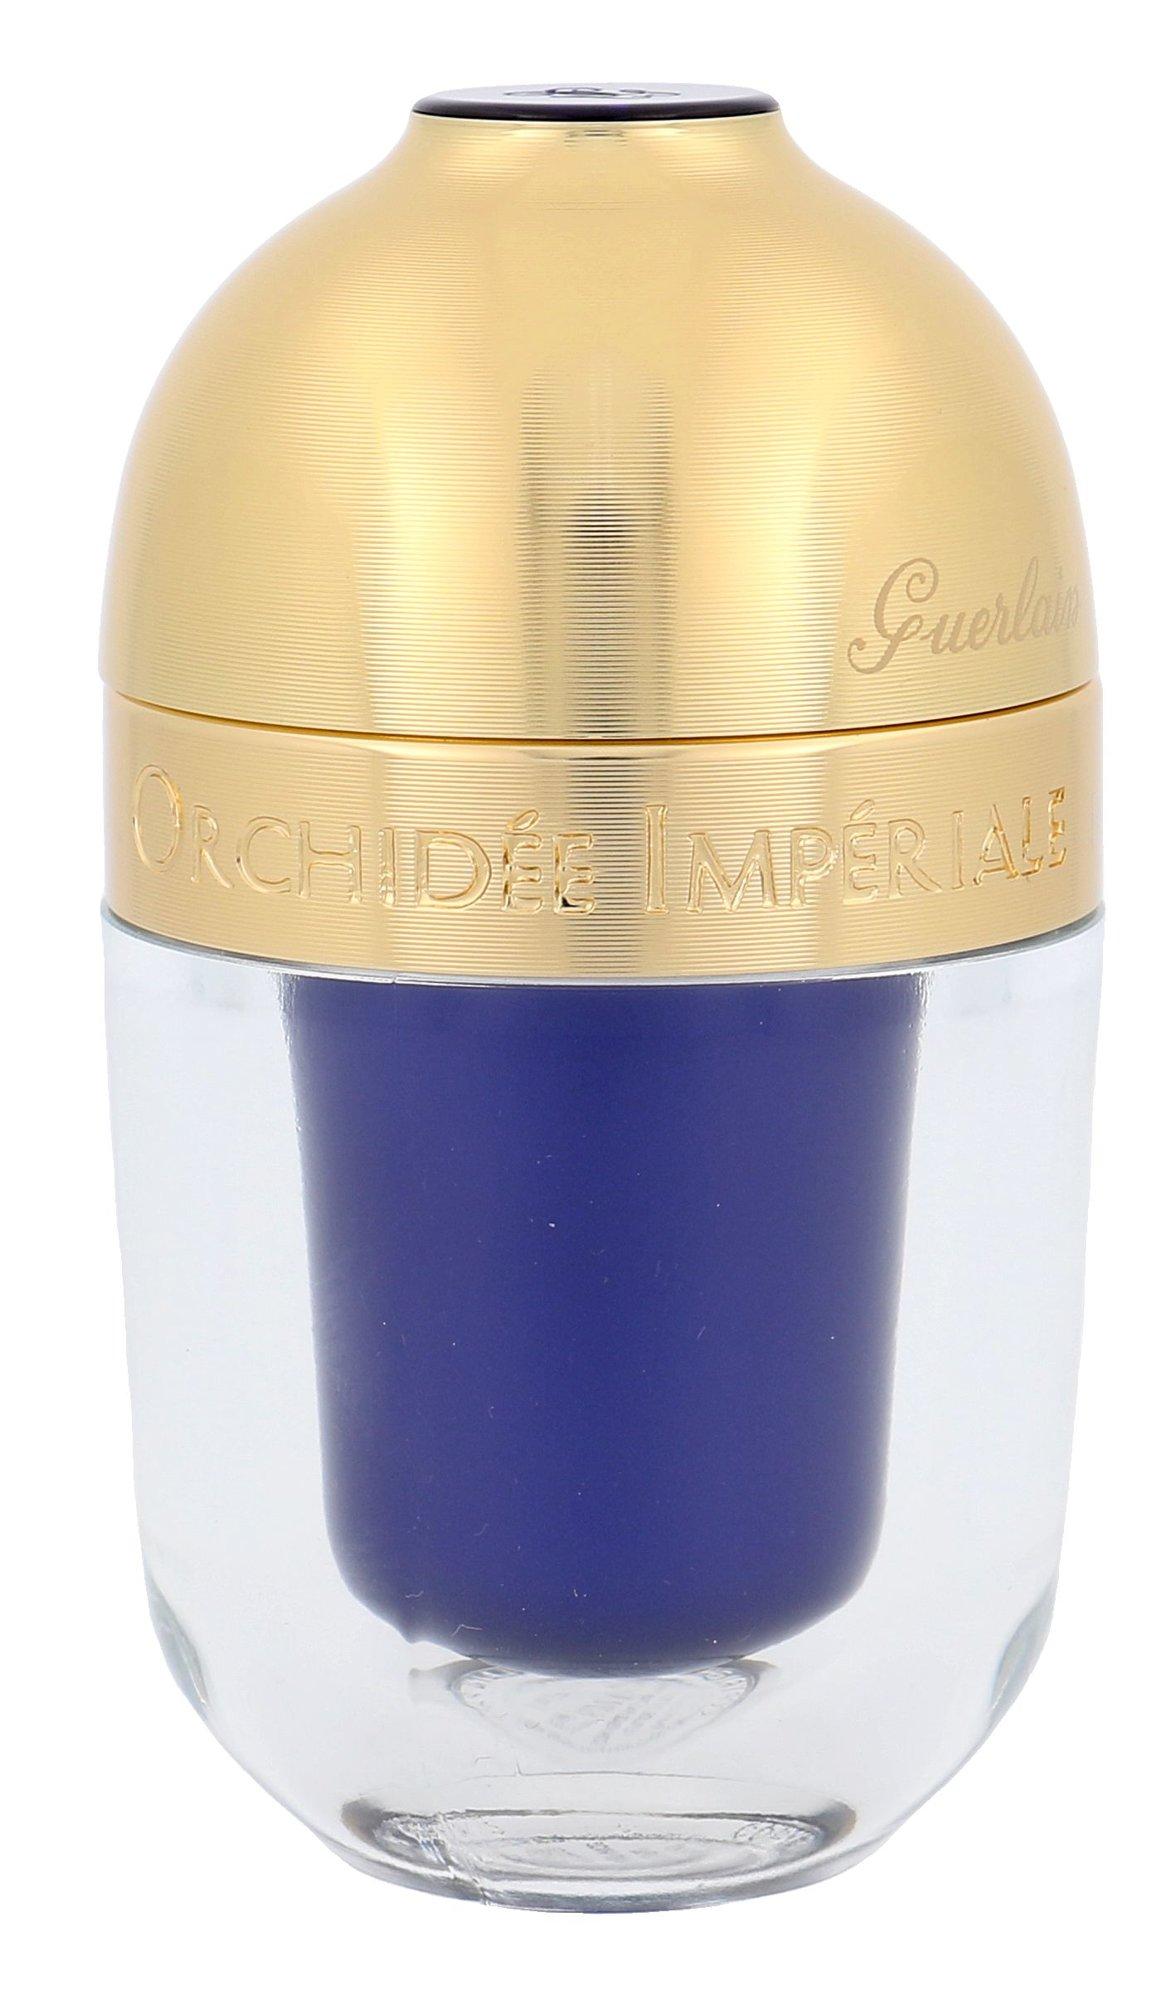 Guerlain Orchidée Impériale Cosmetic 30ml